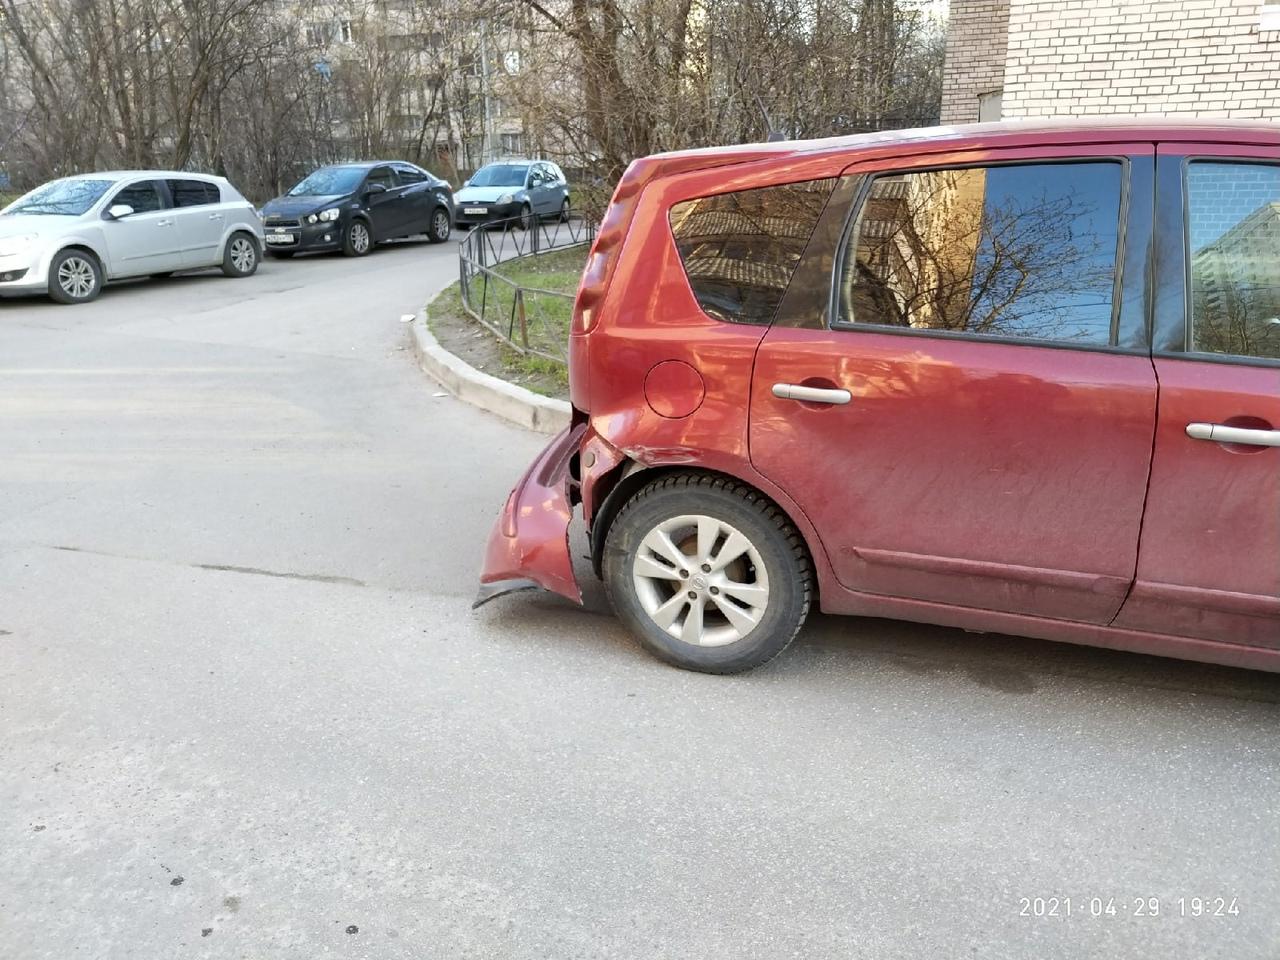 Требуется помощь очевидцев ДТП. На Вавиловых 7, корпус 1 на припаркованный Нисан кто-то наехал и ск...